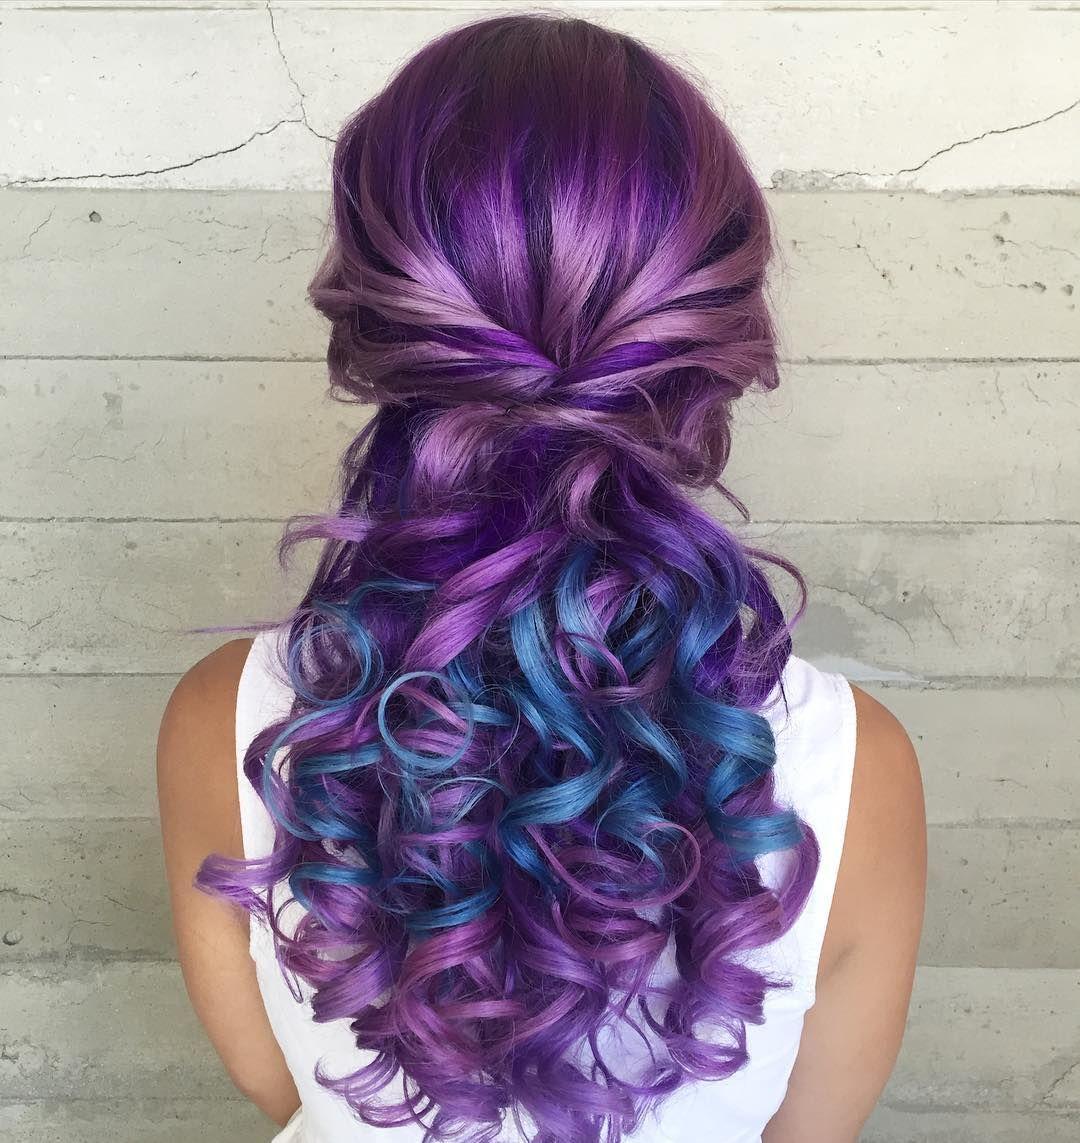 Los angeles hairstylistcolor alexisbutterflyloft u instagram